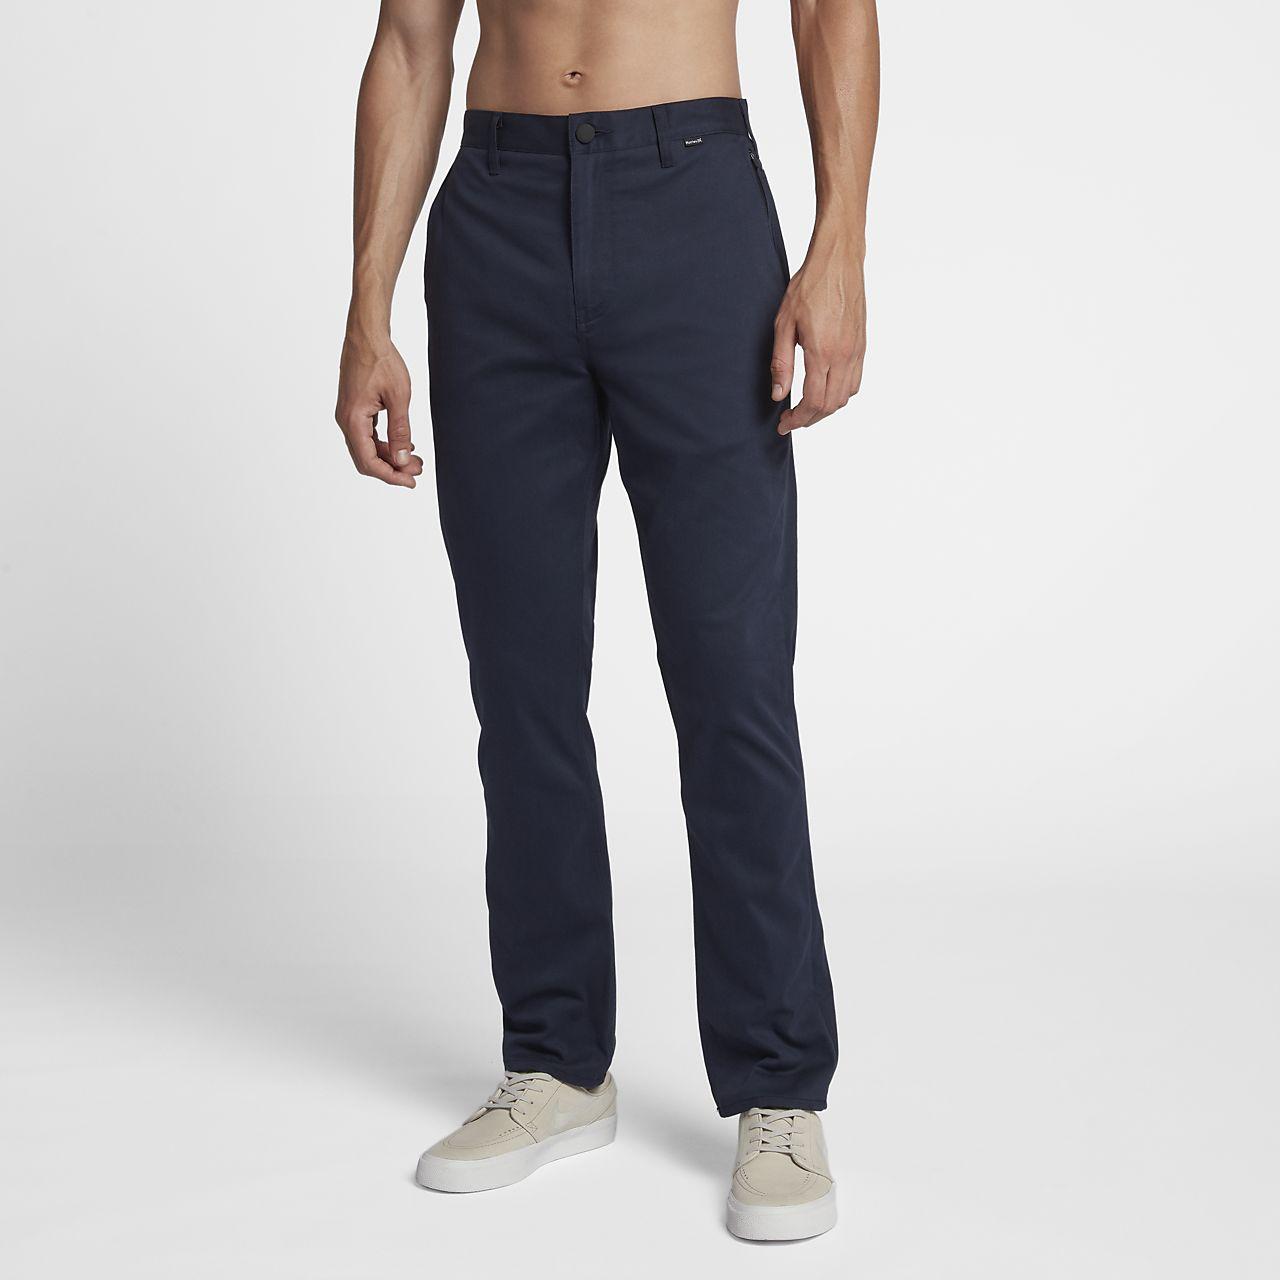 Spodnie męskie Hurley Dri-FIT Worker